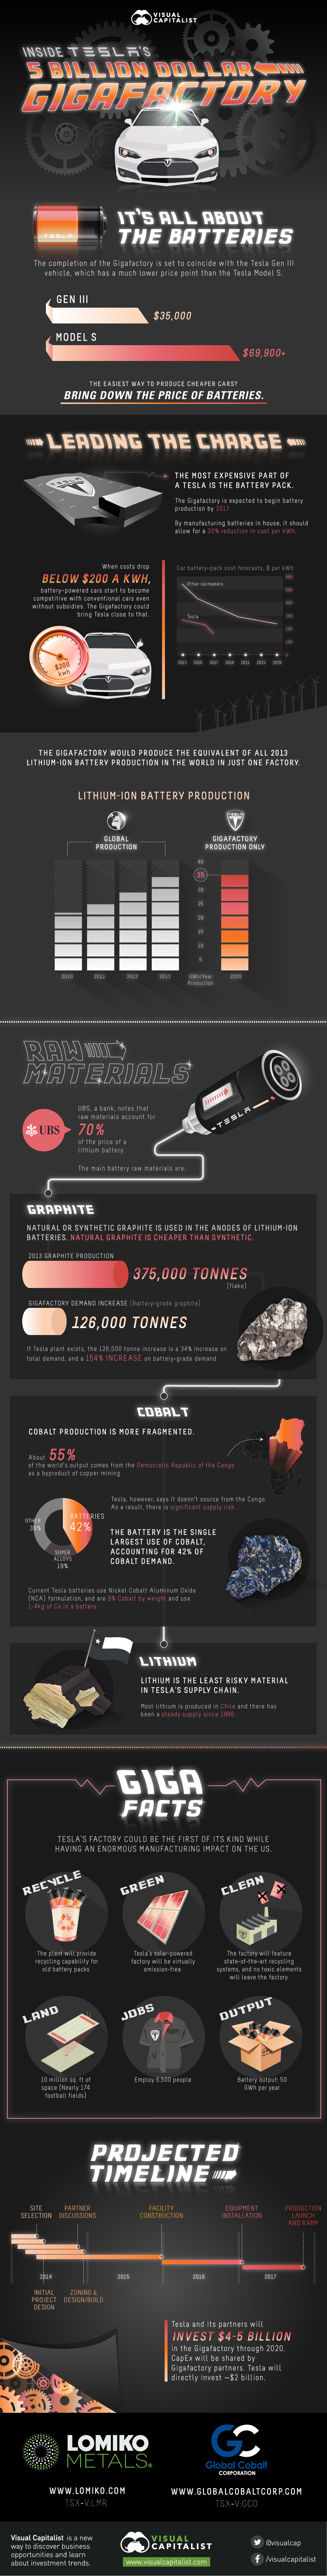 Tesla-Gigafactory-Infographic